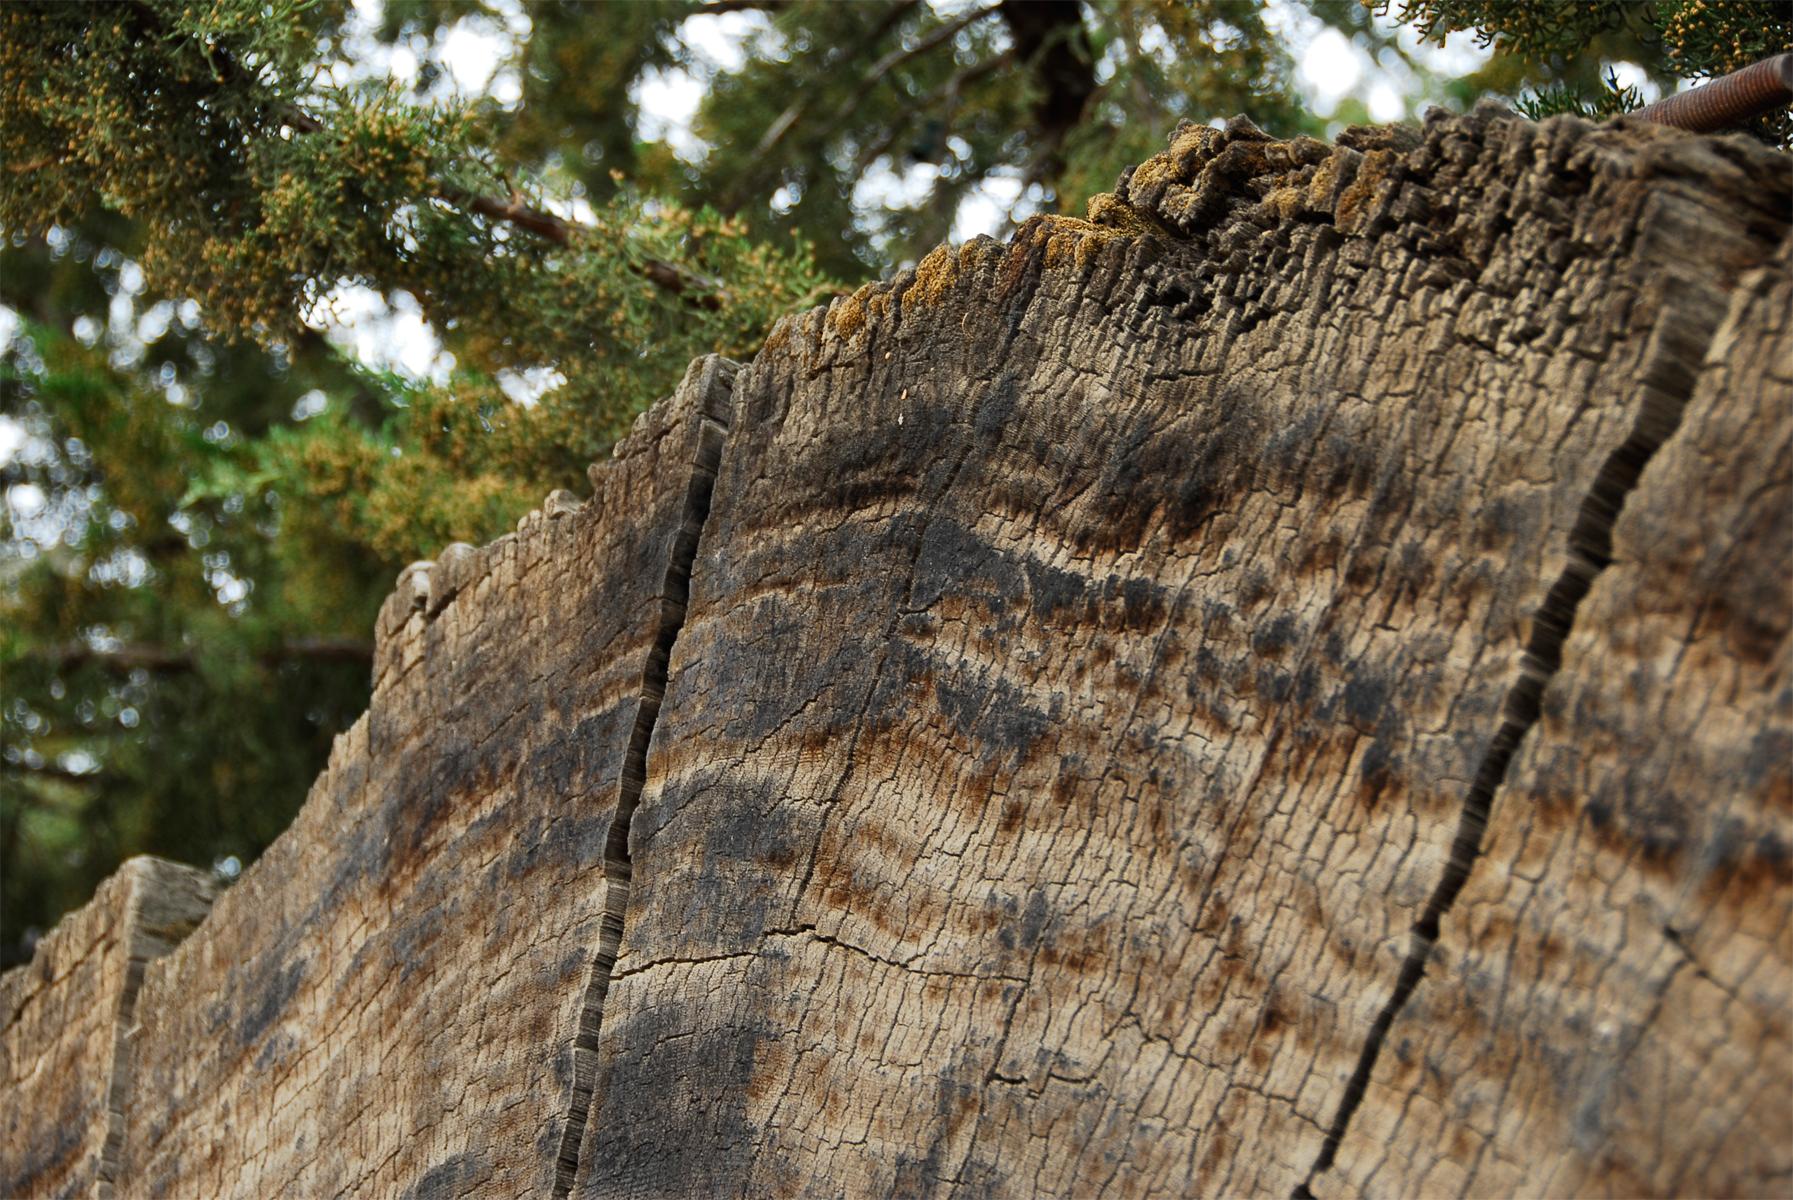 Fallen Tree - Cross Section, Bark, Bspo06, Fallen, Green, HQ Photo